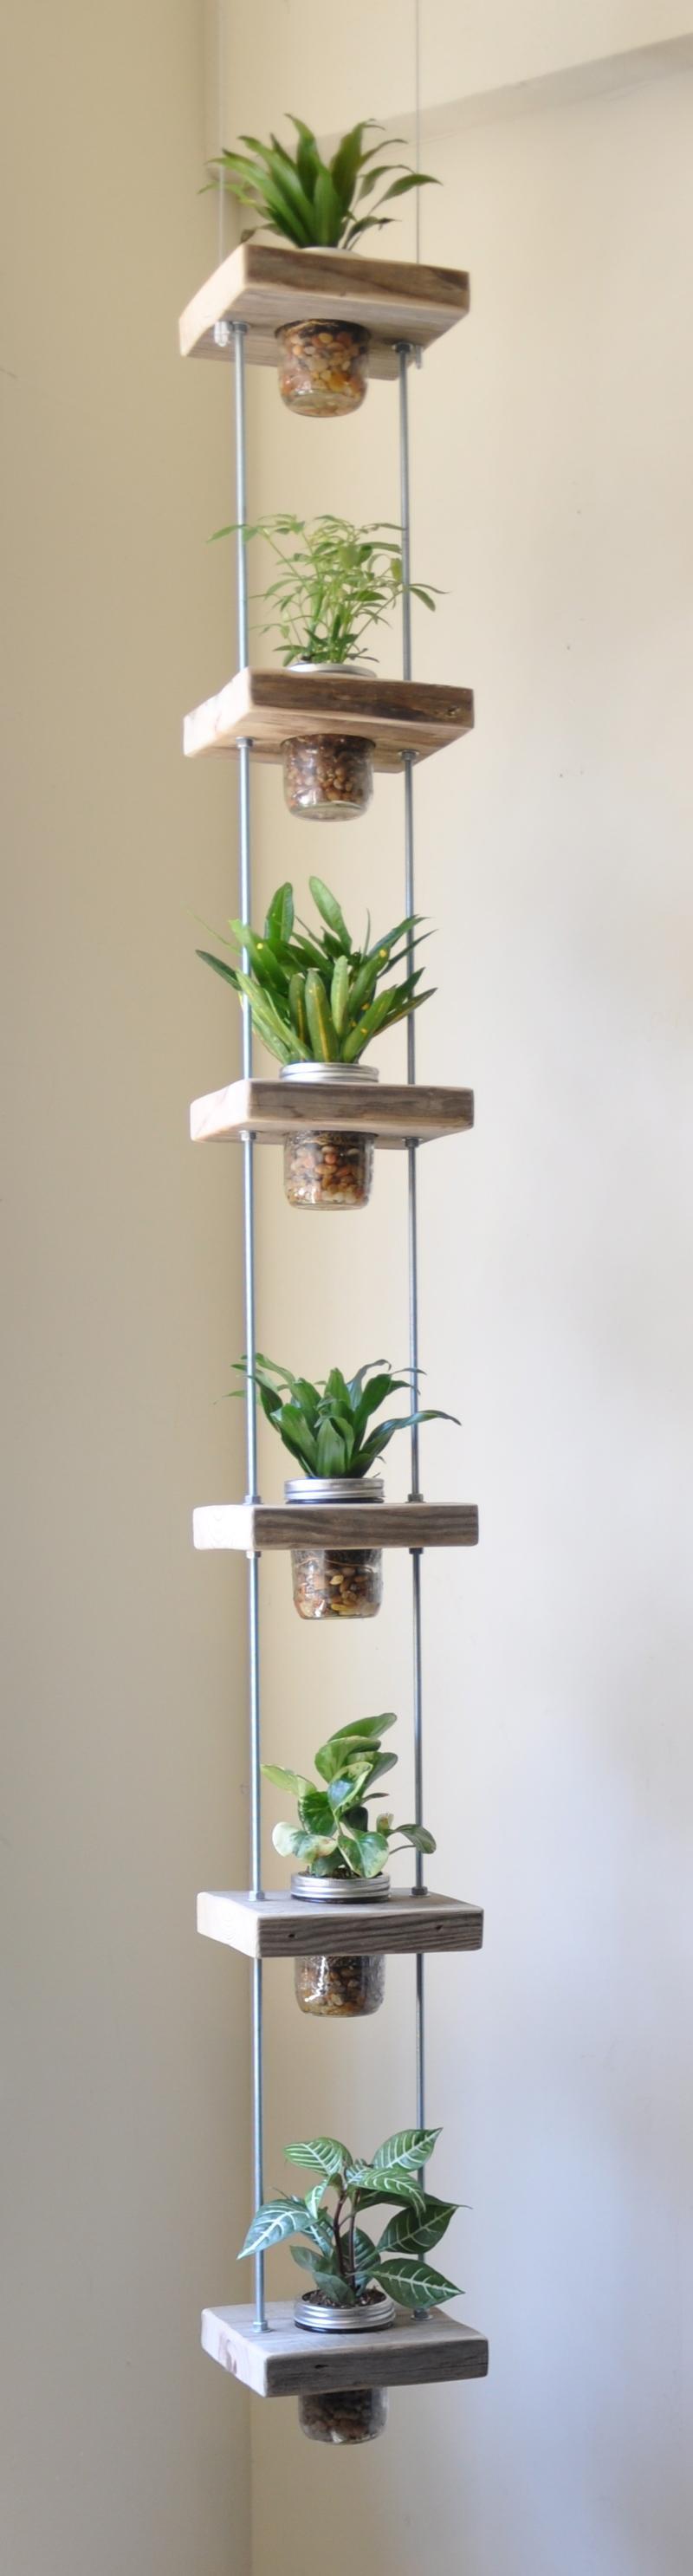 diy-indoor-herb-garden